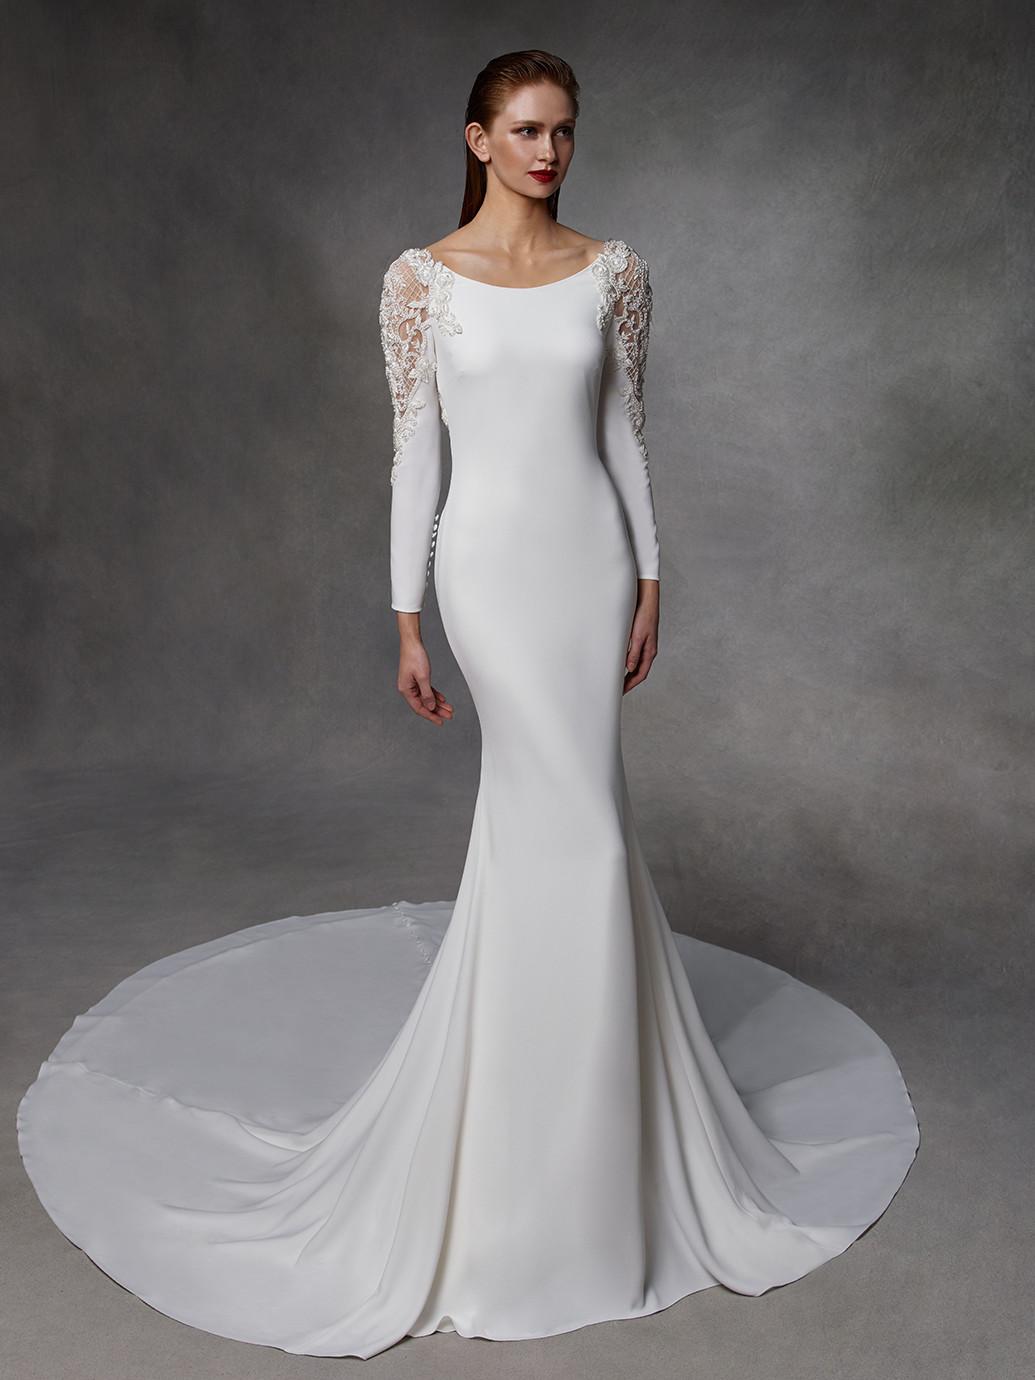 Weiße Hochzeitsrobe mit Rundhalsausschnitt, langen Ärmeln und Schleppe von Badgley Mischka, Modell Donna